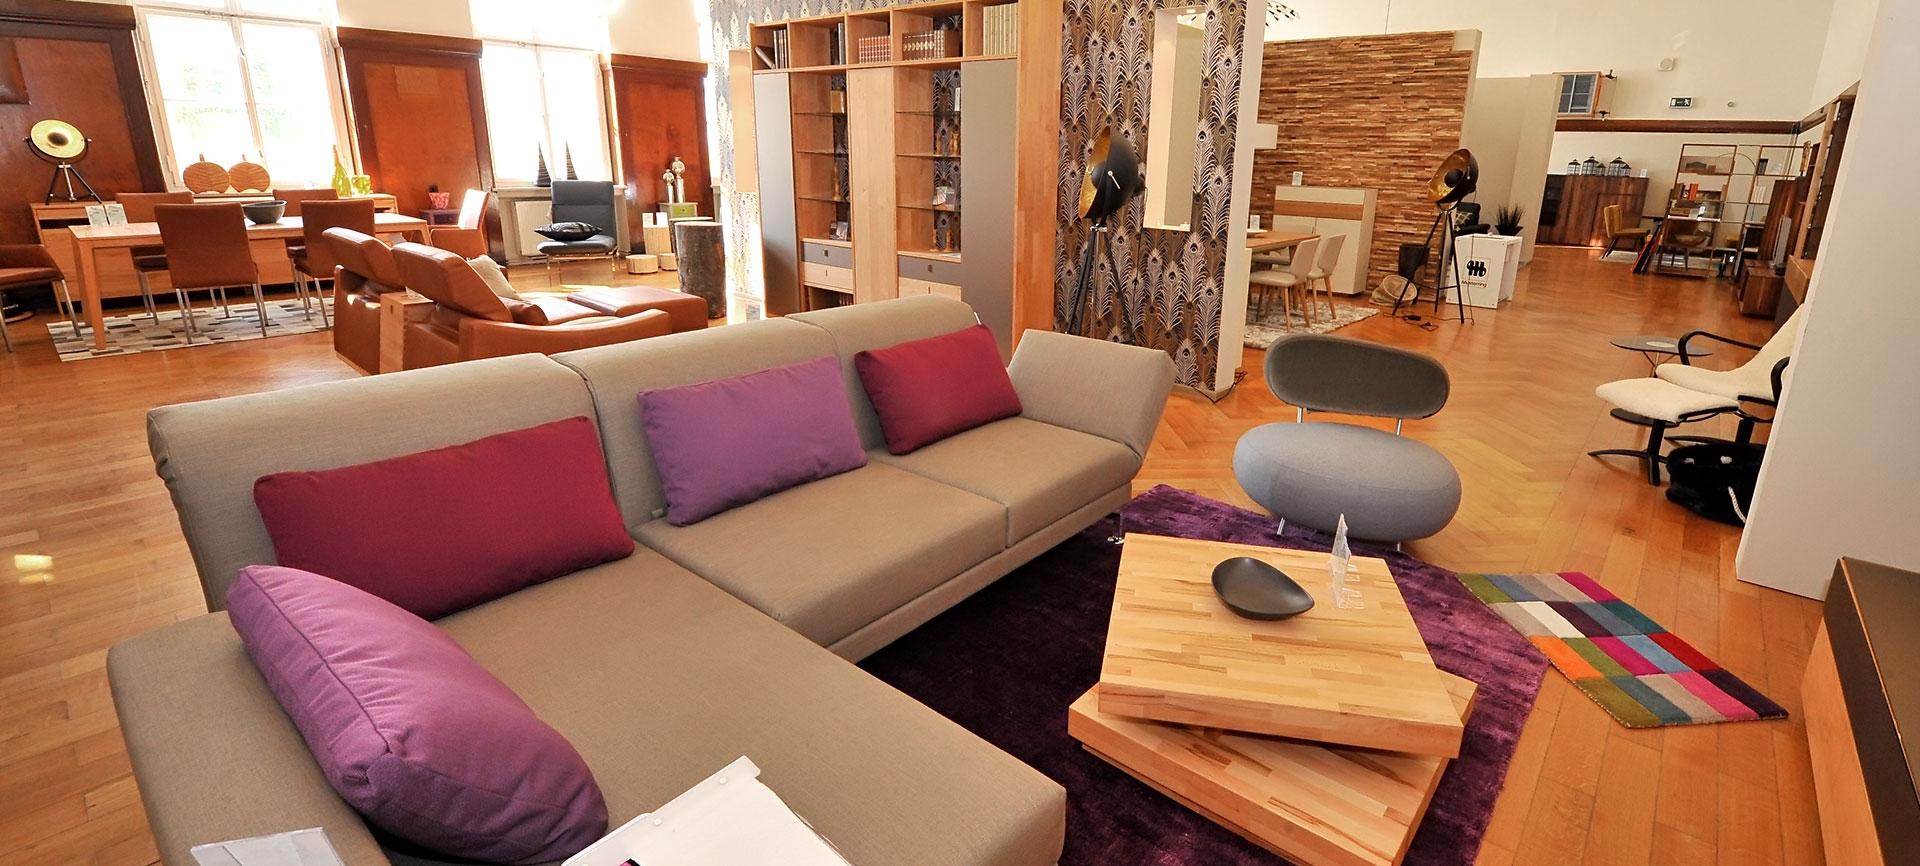 wohnpark hesse in eisenach ihre adresse f r die besondere einrichtung. Black Bedroom Furniture Sets. Home Design Ideas